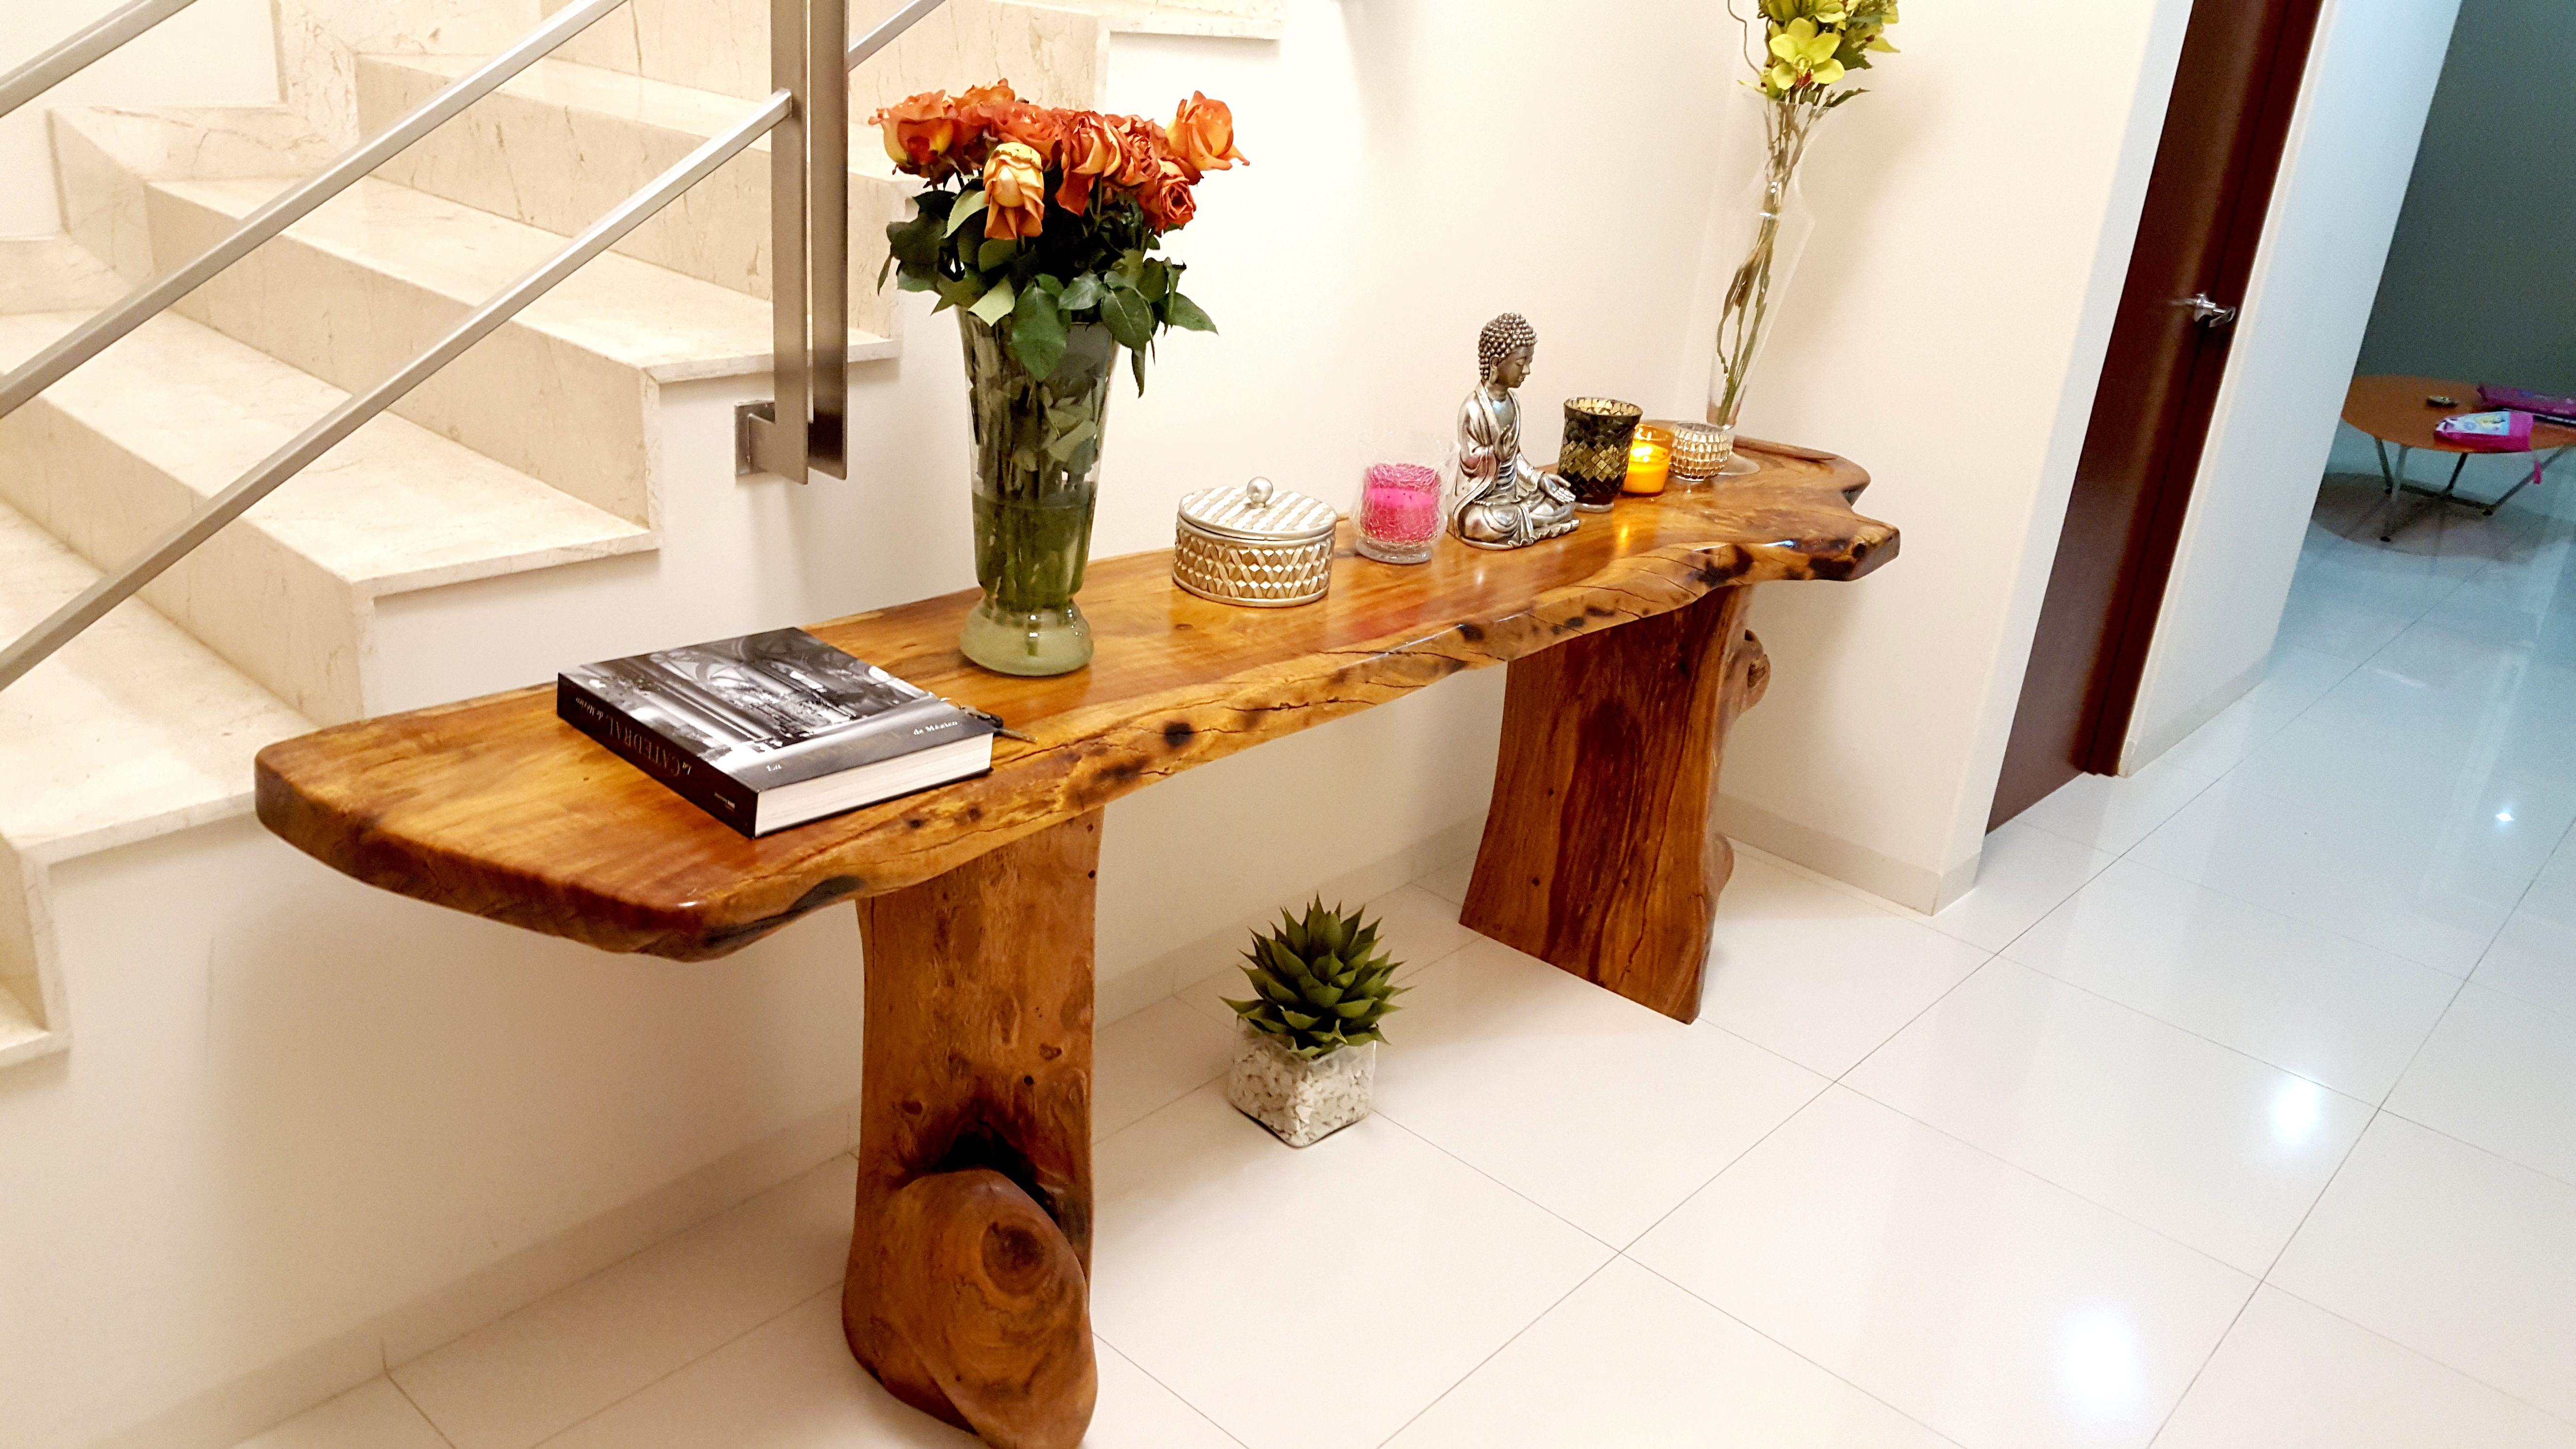 Credenza De Madera Rustica : Credenza ideal para recibidor muebles rusticos solo en